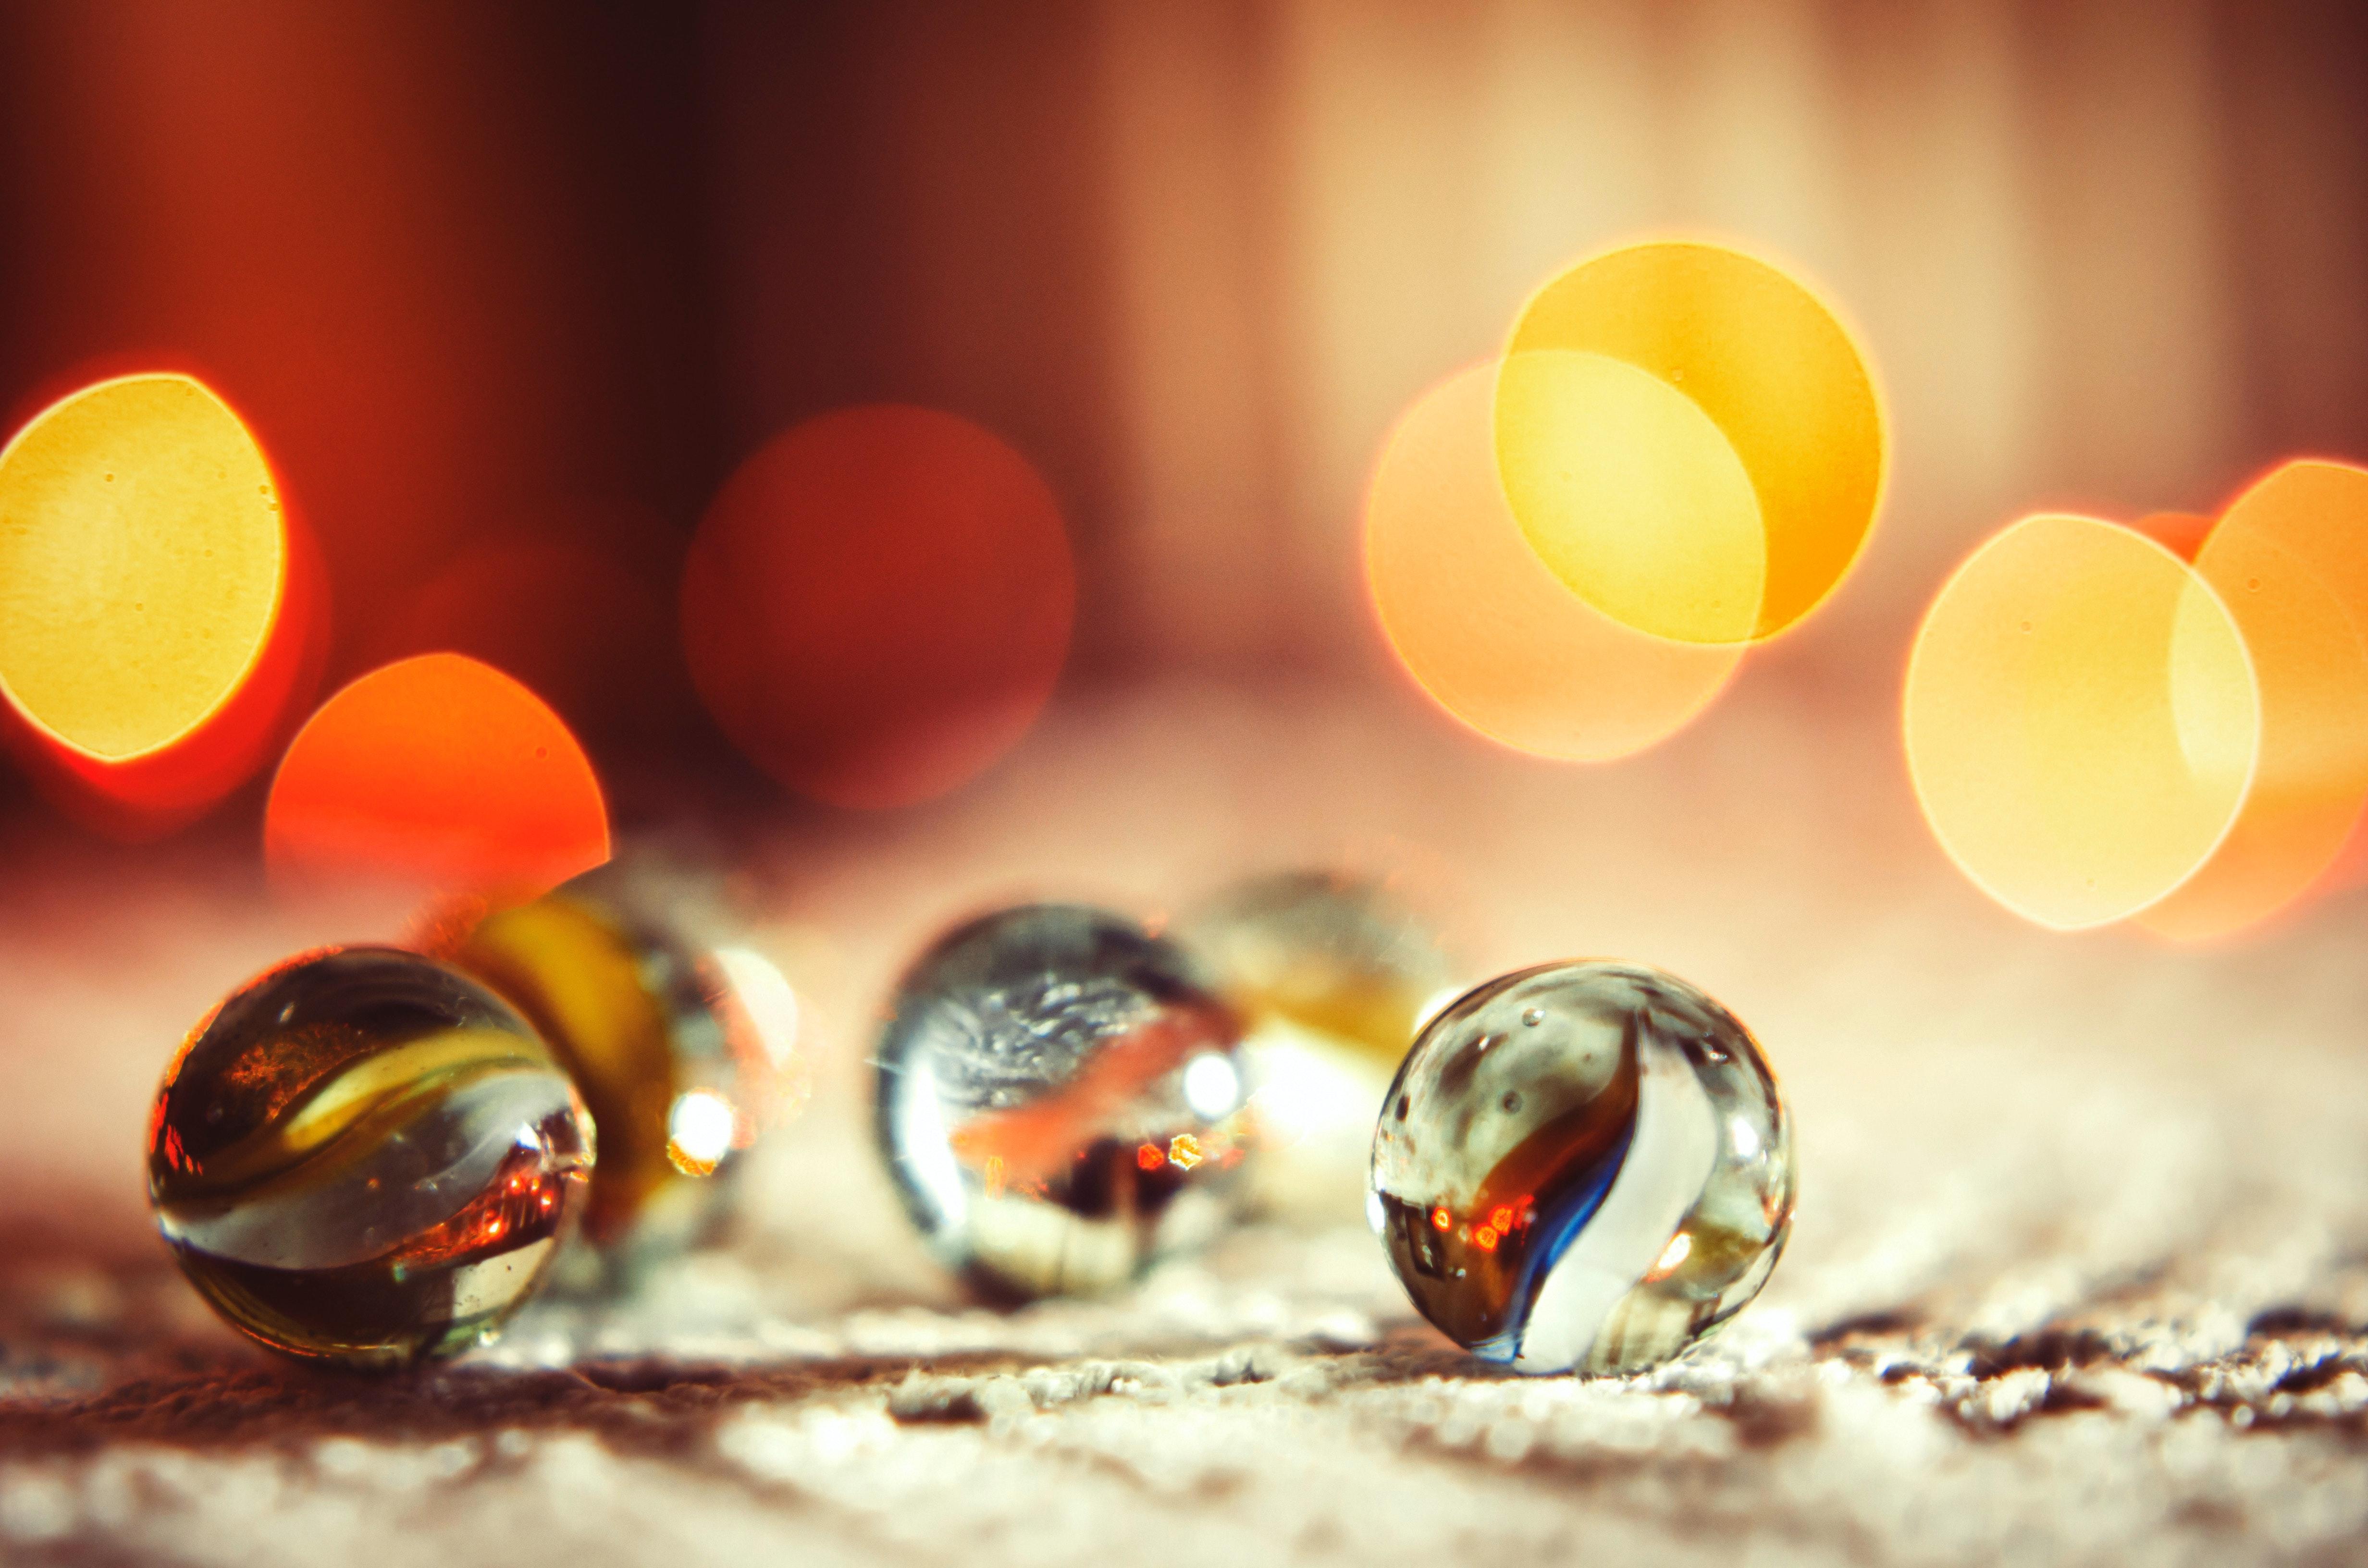 ガラスアイテム ビー玉 ぼかしの無料の写真素材